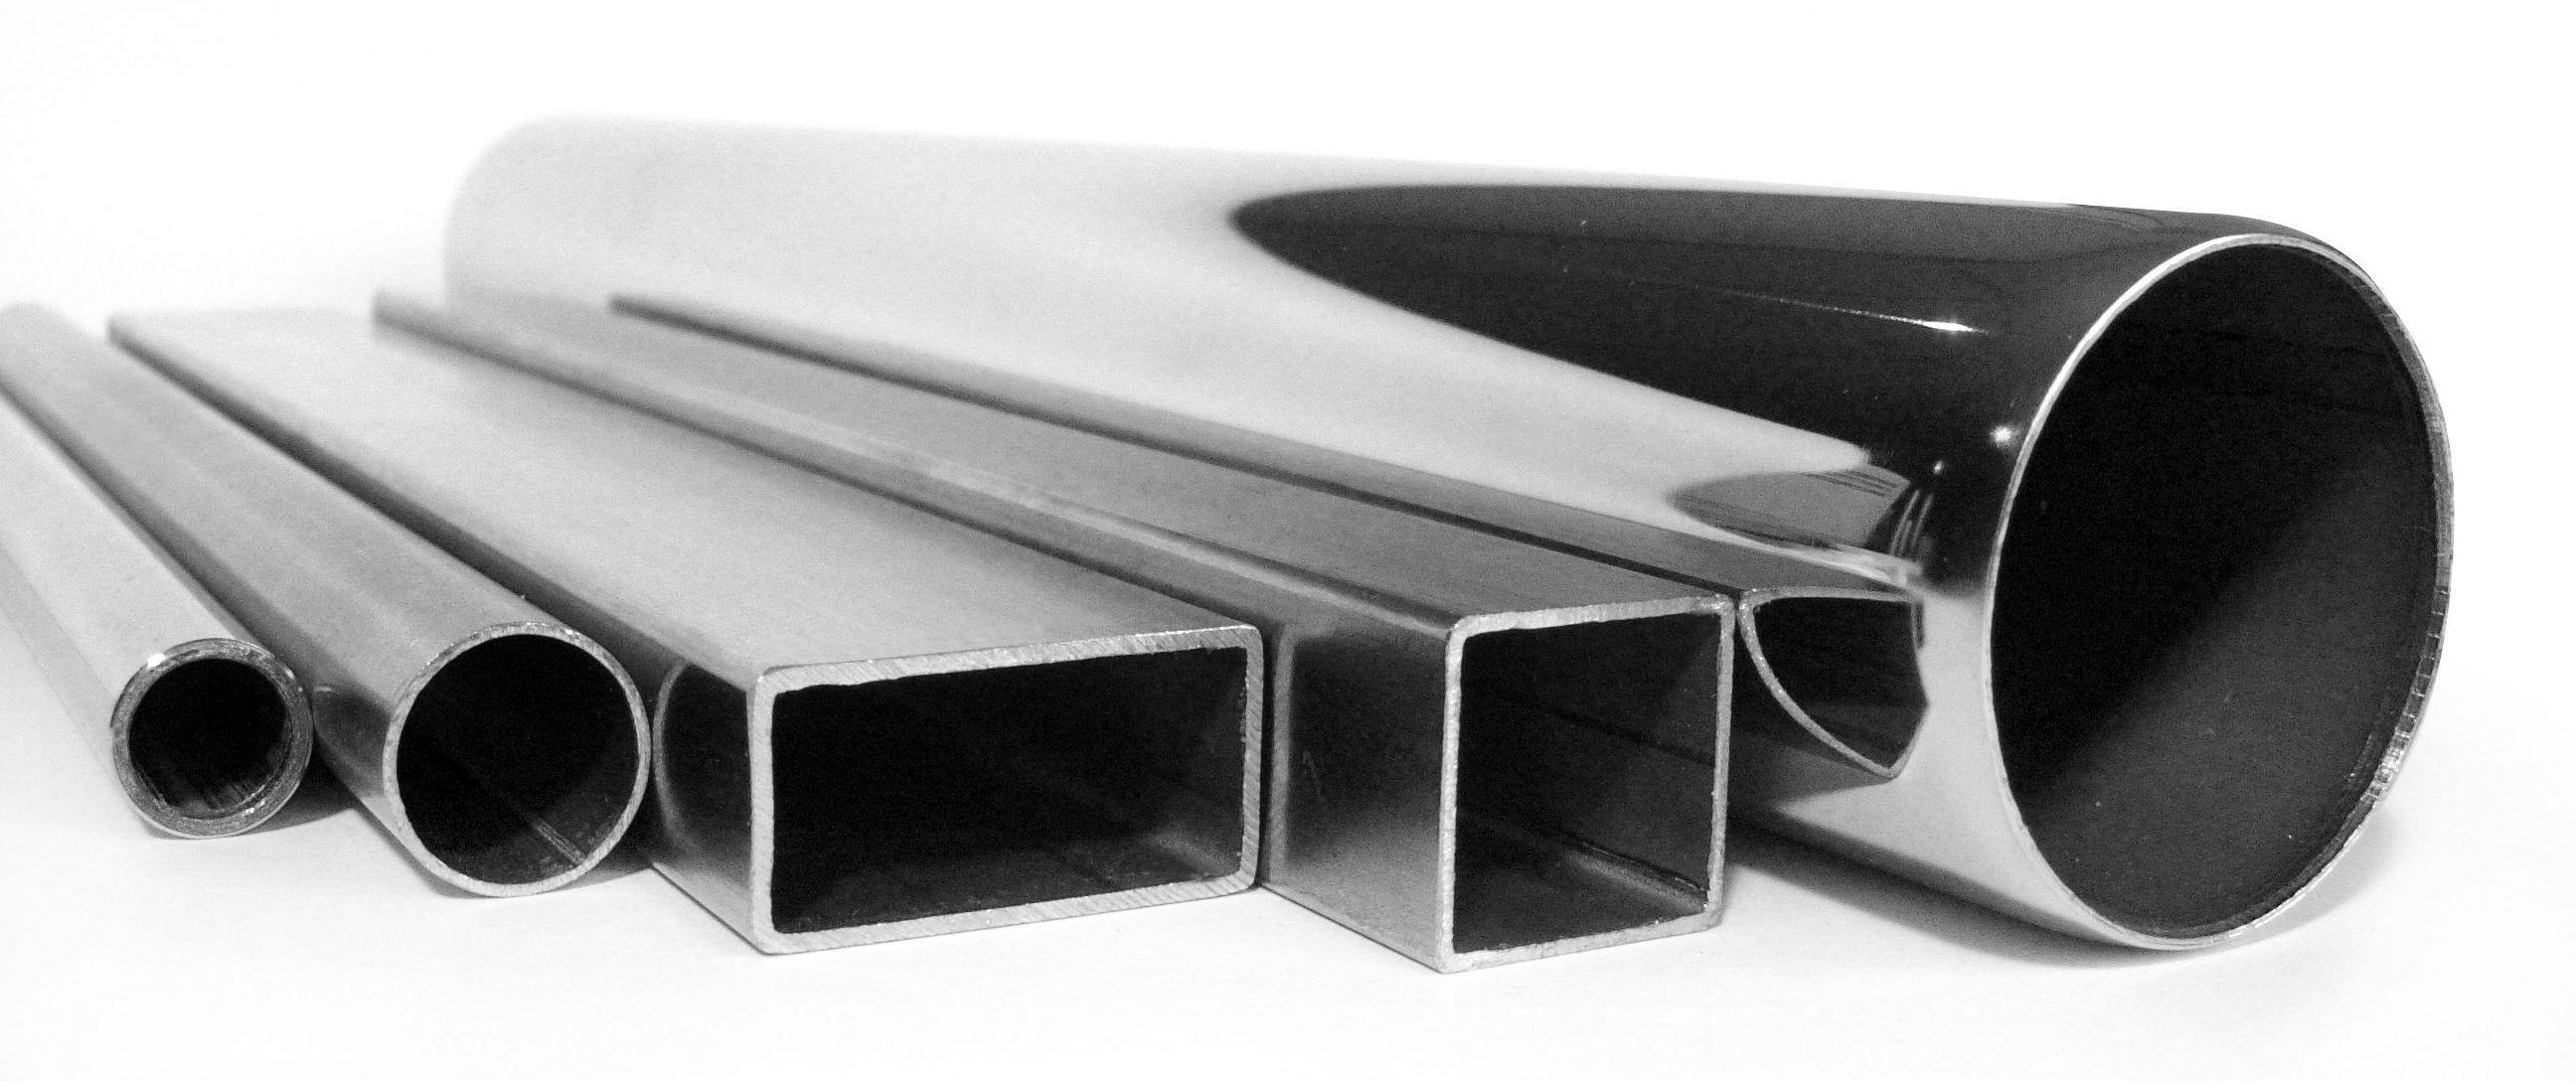 Квадратные и круглые трубы из нержавеющей стали